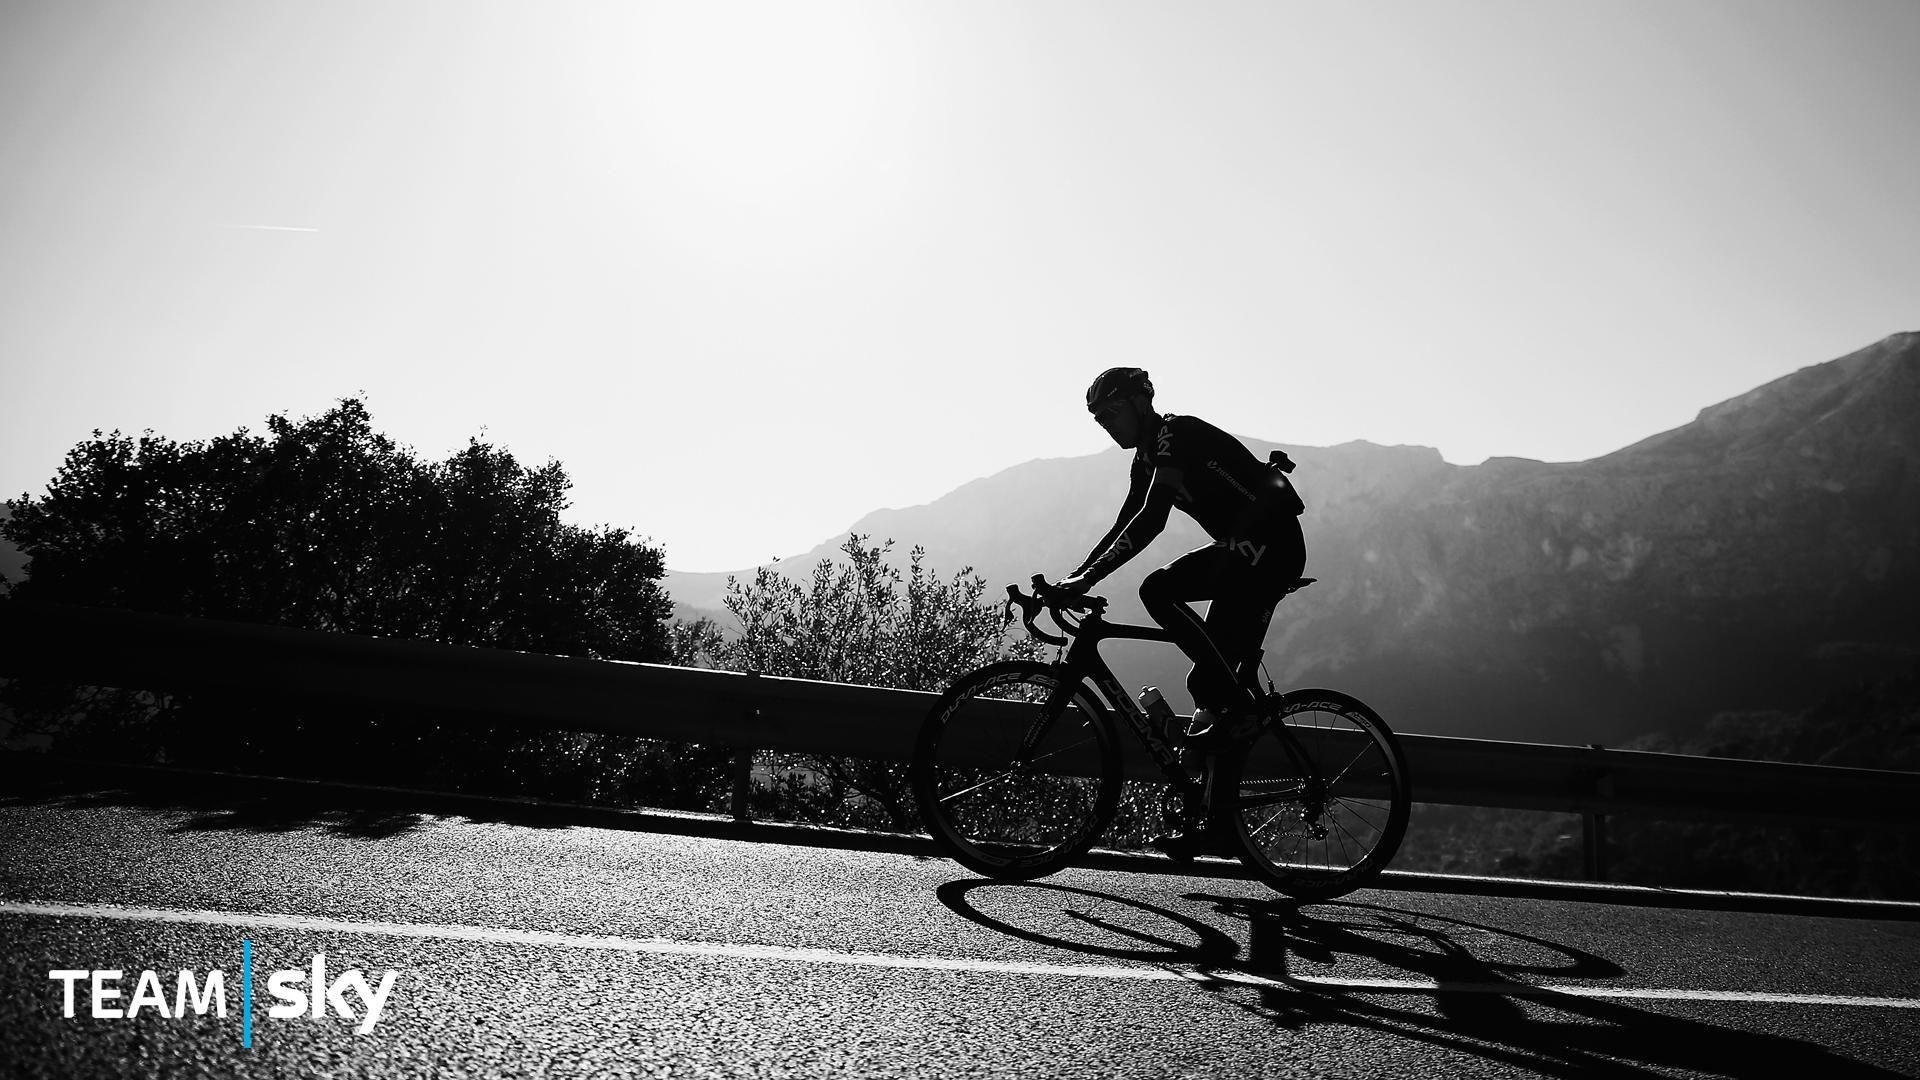 Pin By Brandon Hinton On Inspo Bike Hd Wallpaper Cycling Wallpaper